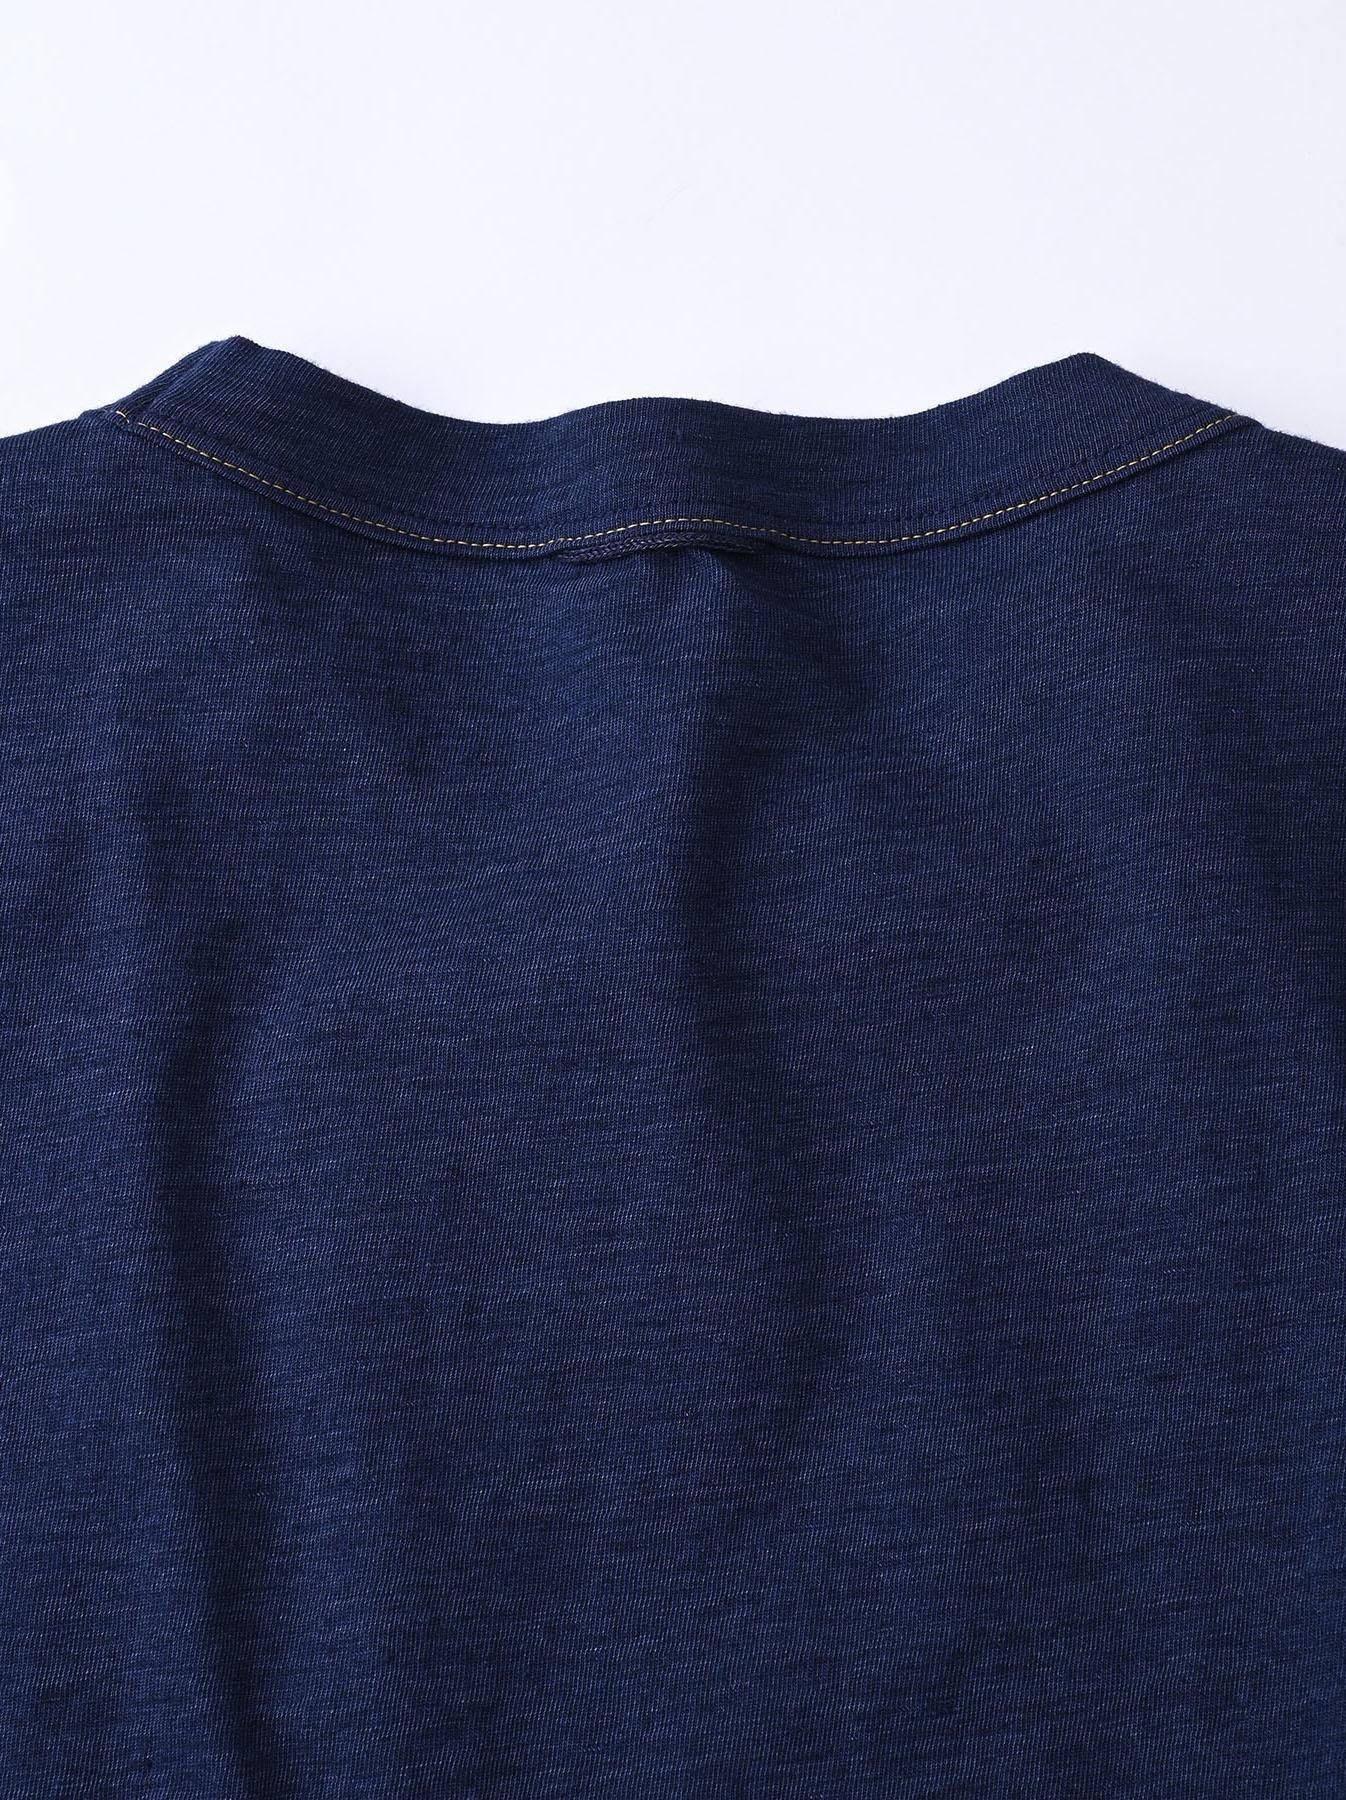 Indigo Ukiyo de Surf 908 Ocean T-shirt (0621)-10